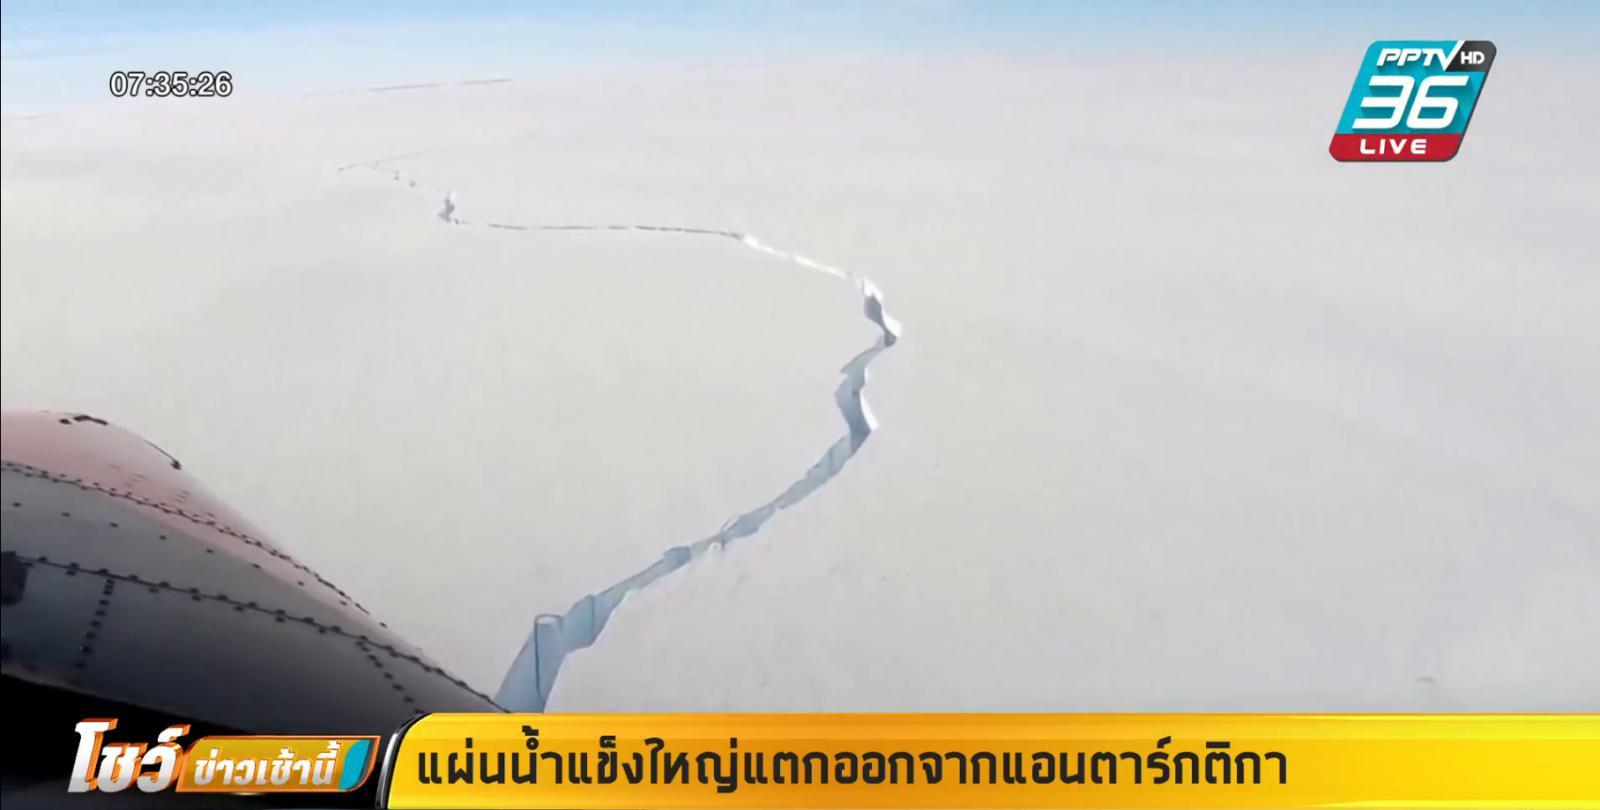 แผ่นน้ำแข็งยักษ์ แตกออกจากแอนตาร์กติกา หลังนักวิทย์พบรอยร้าว 10 ปีก่อน